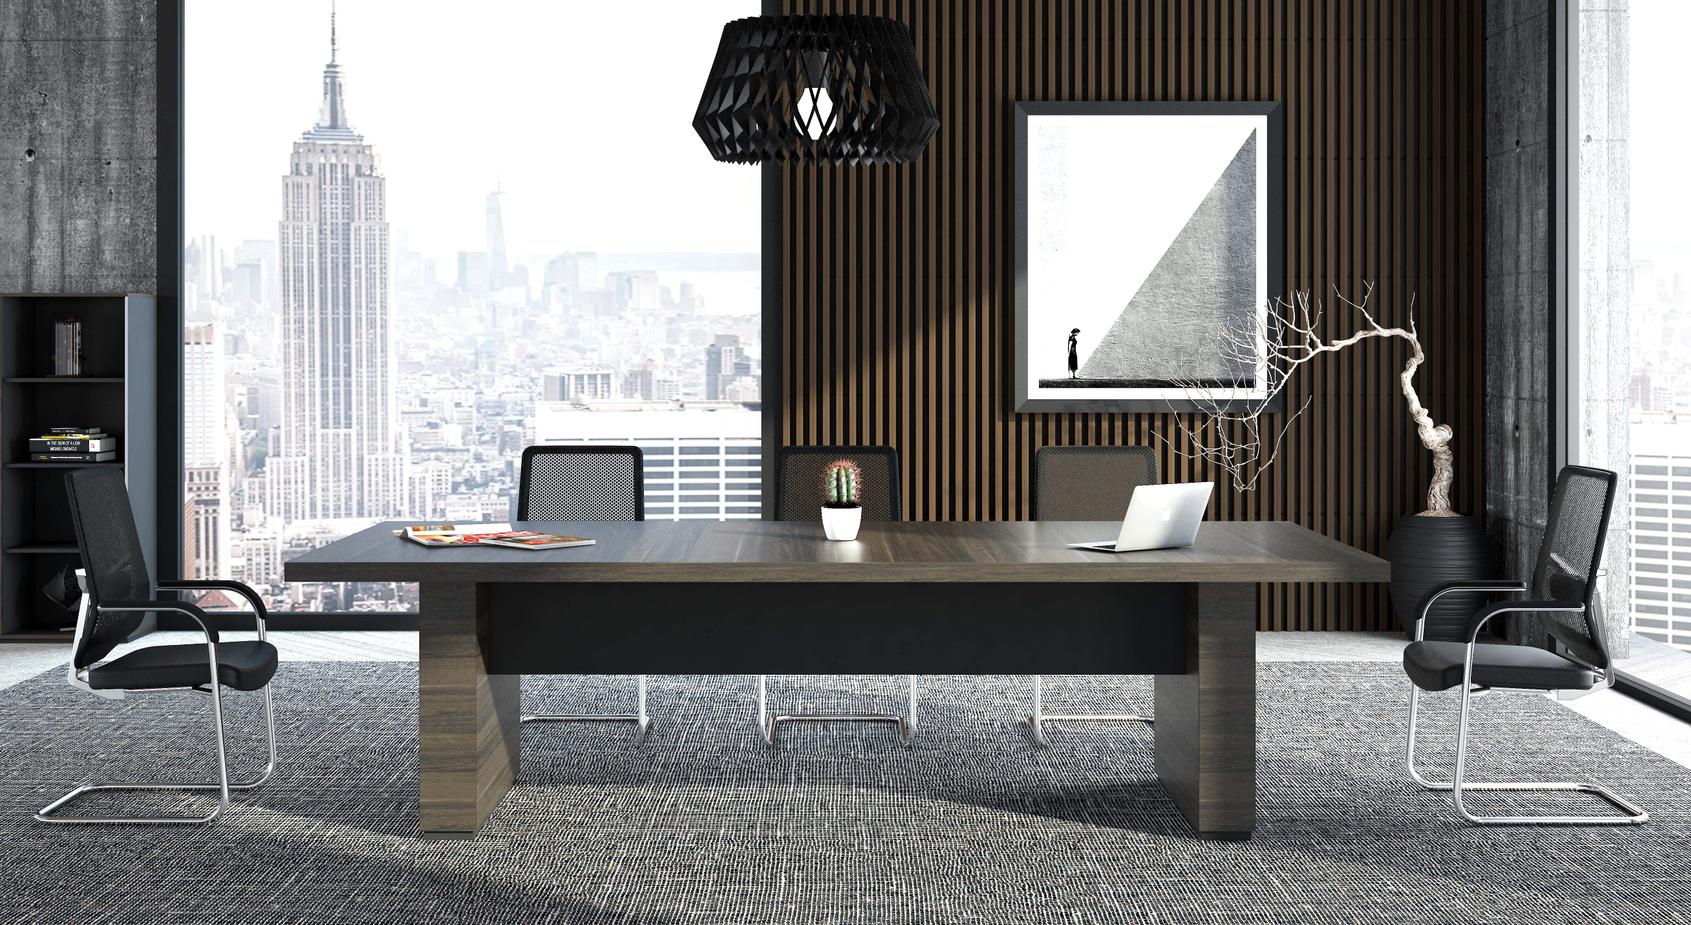 万博app下载室会议桌